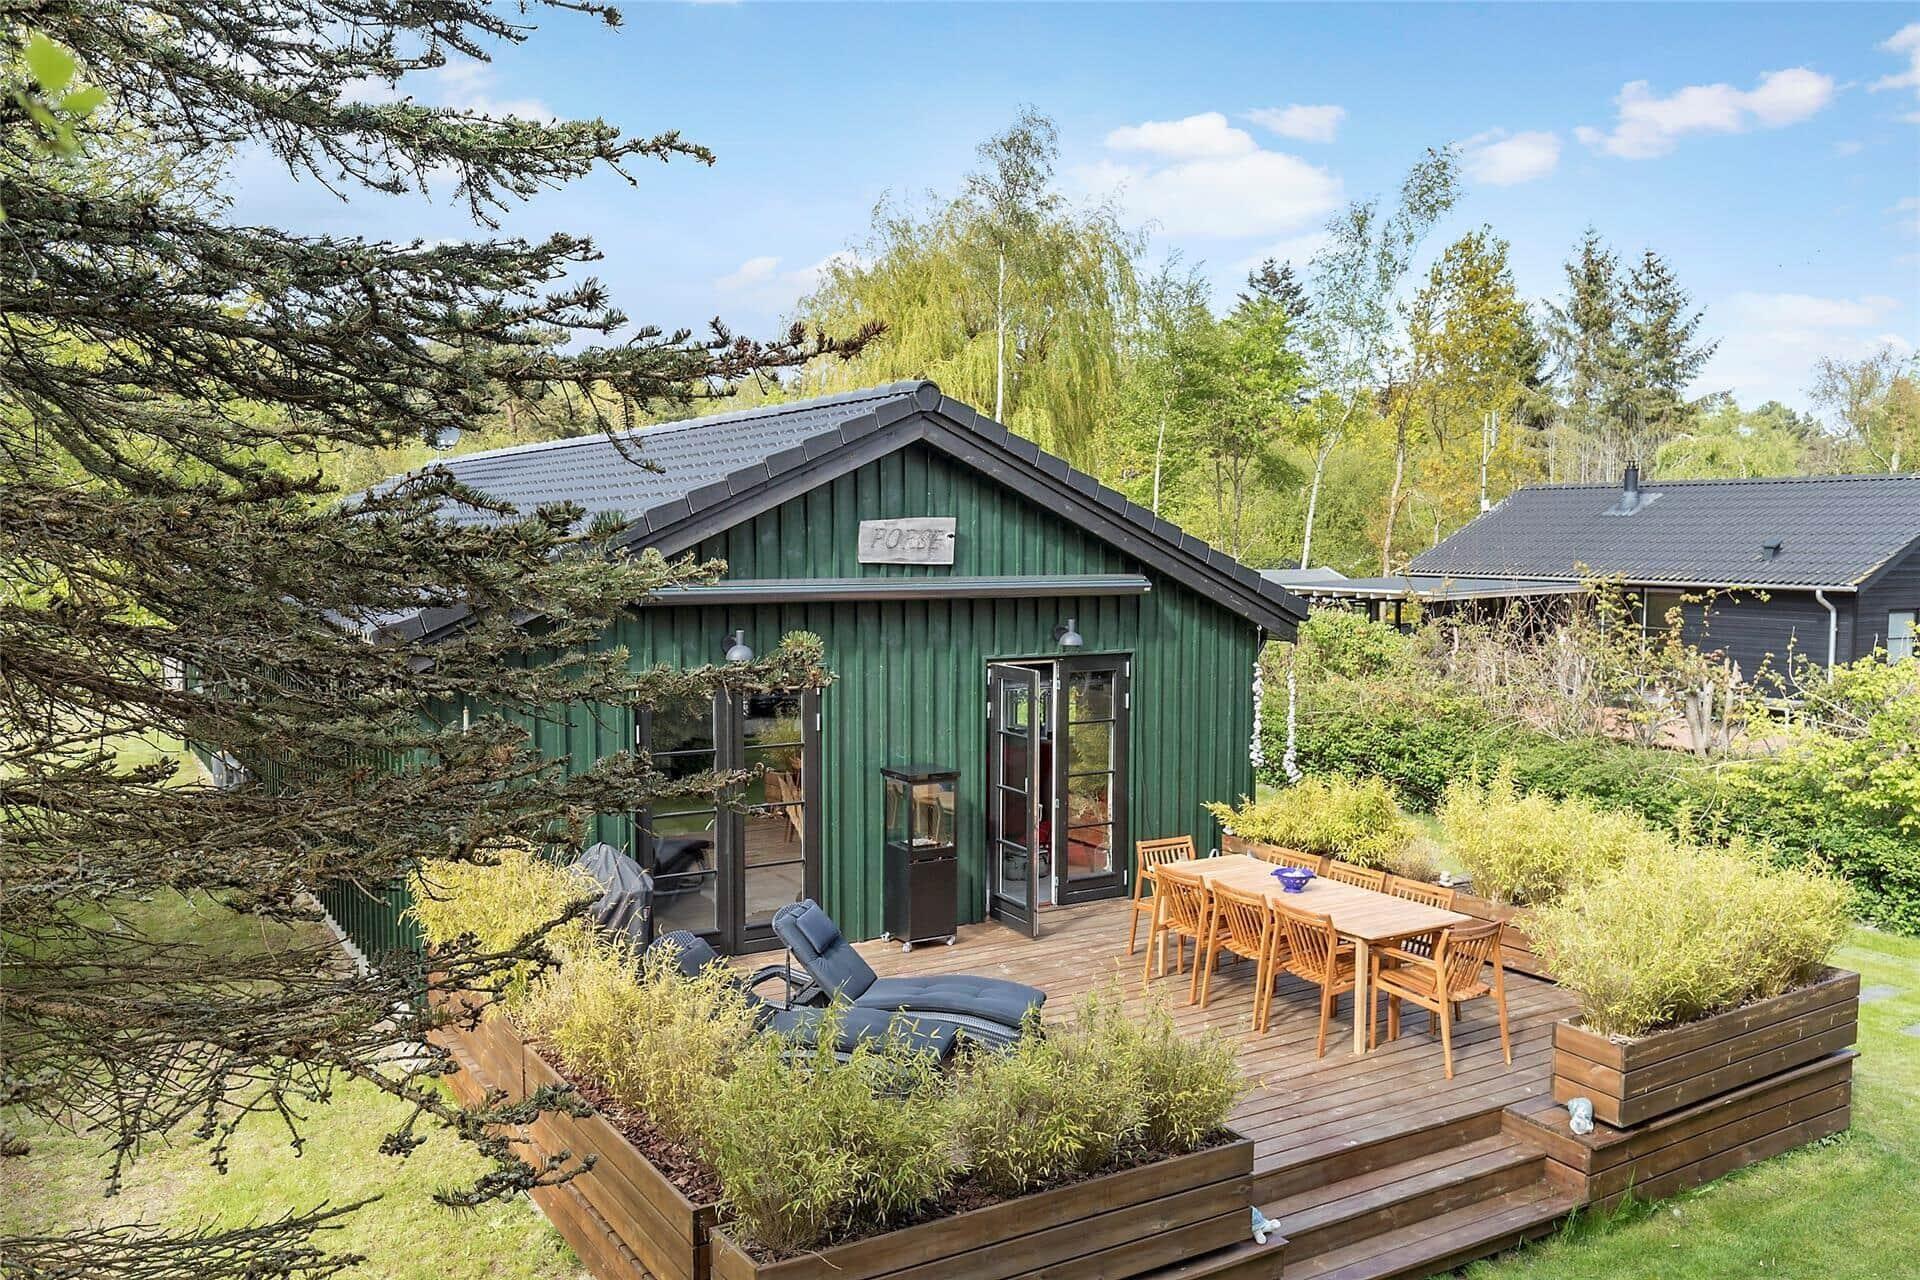 Billede 1-17 Sommerhus 11171, Ved Skoven 5, DK - 4500 Nykøbing Sj